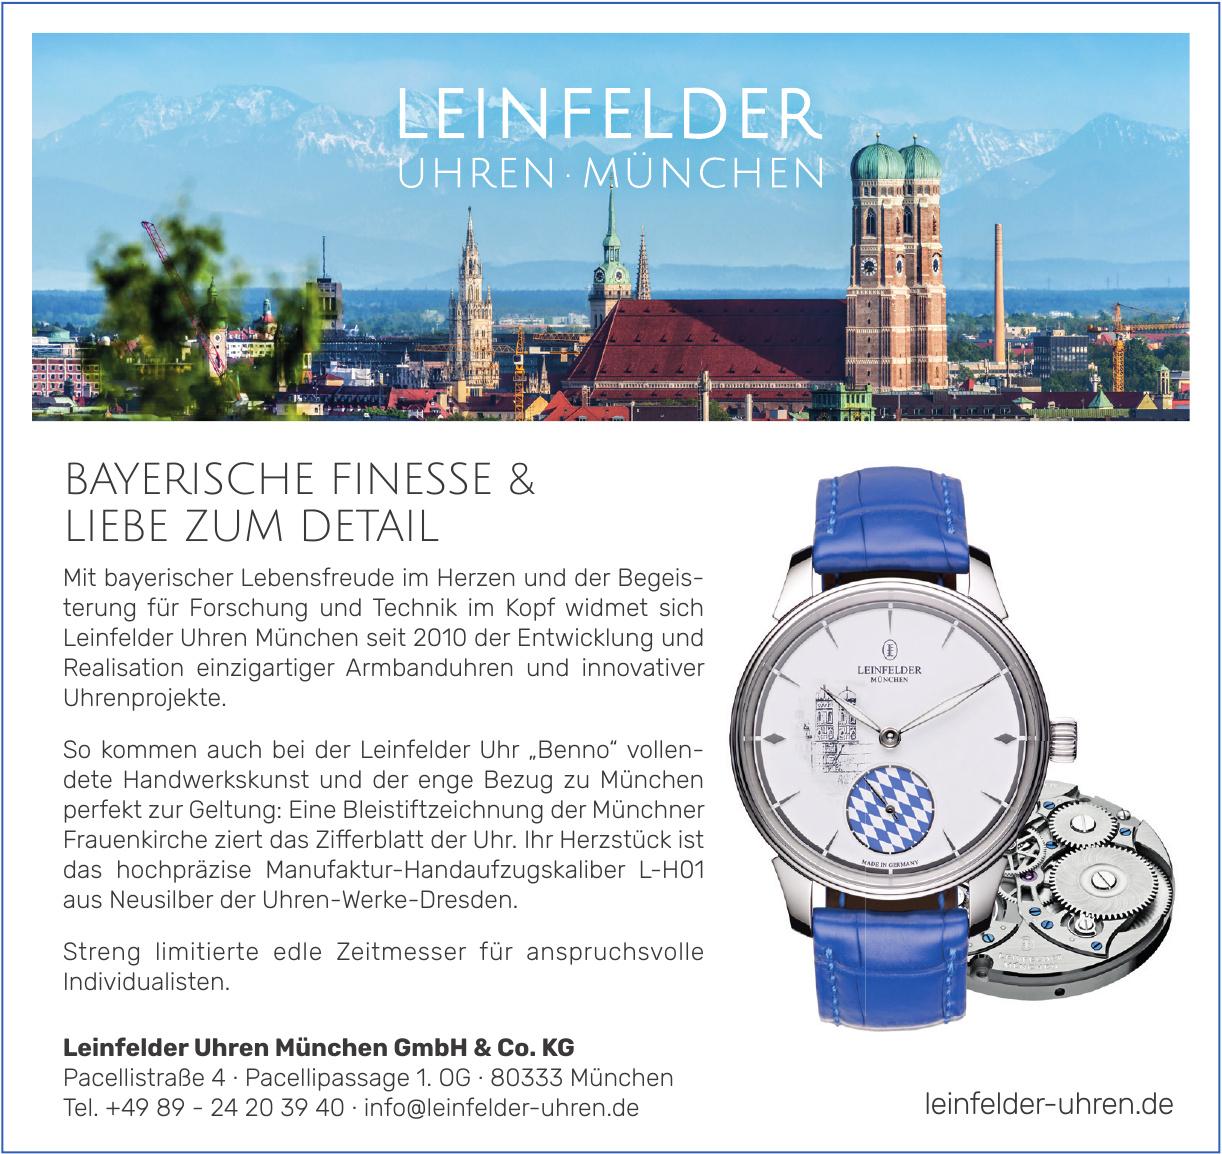 Leinfelder Uhren München GmbH & Co. KG